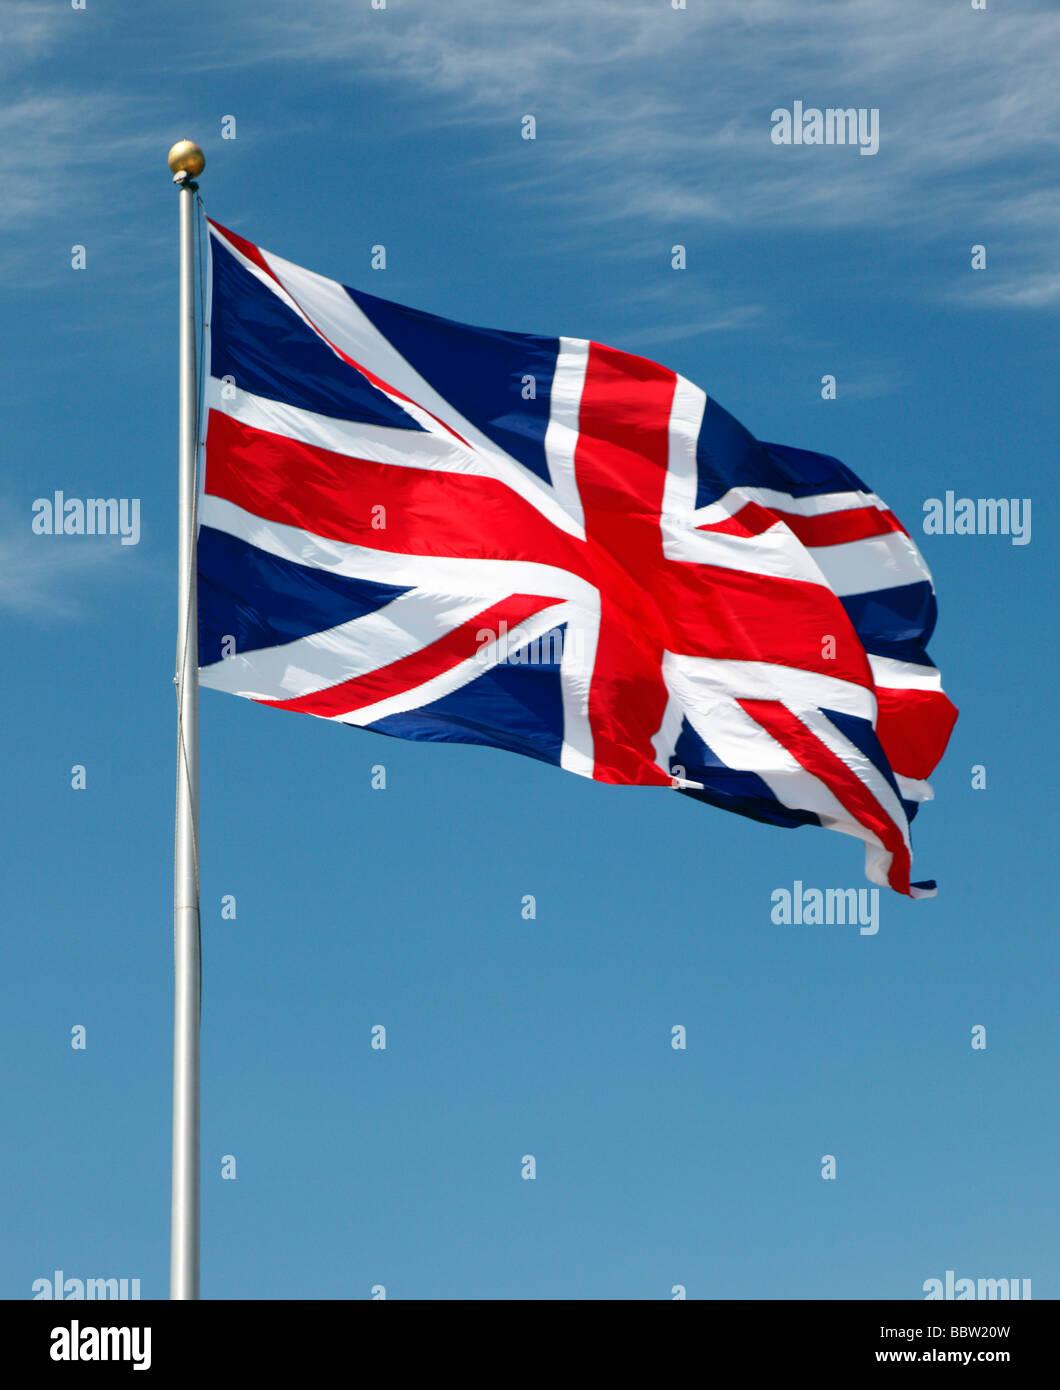 The Union Jack flag. - Stock Image